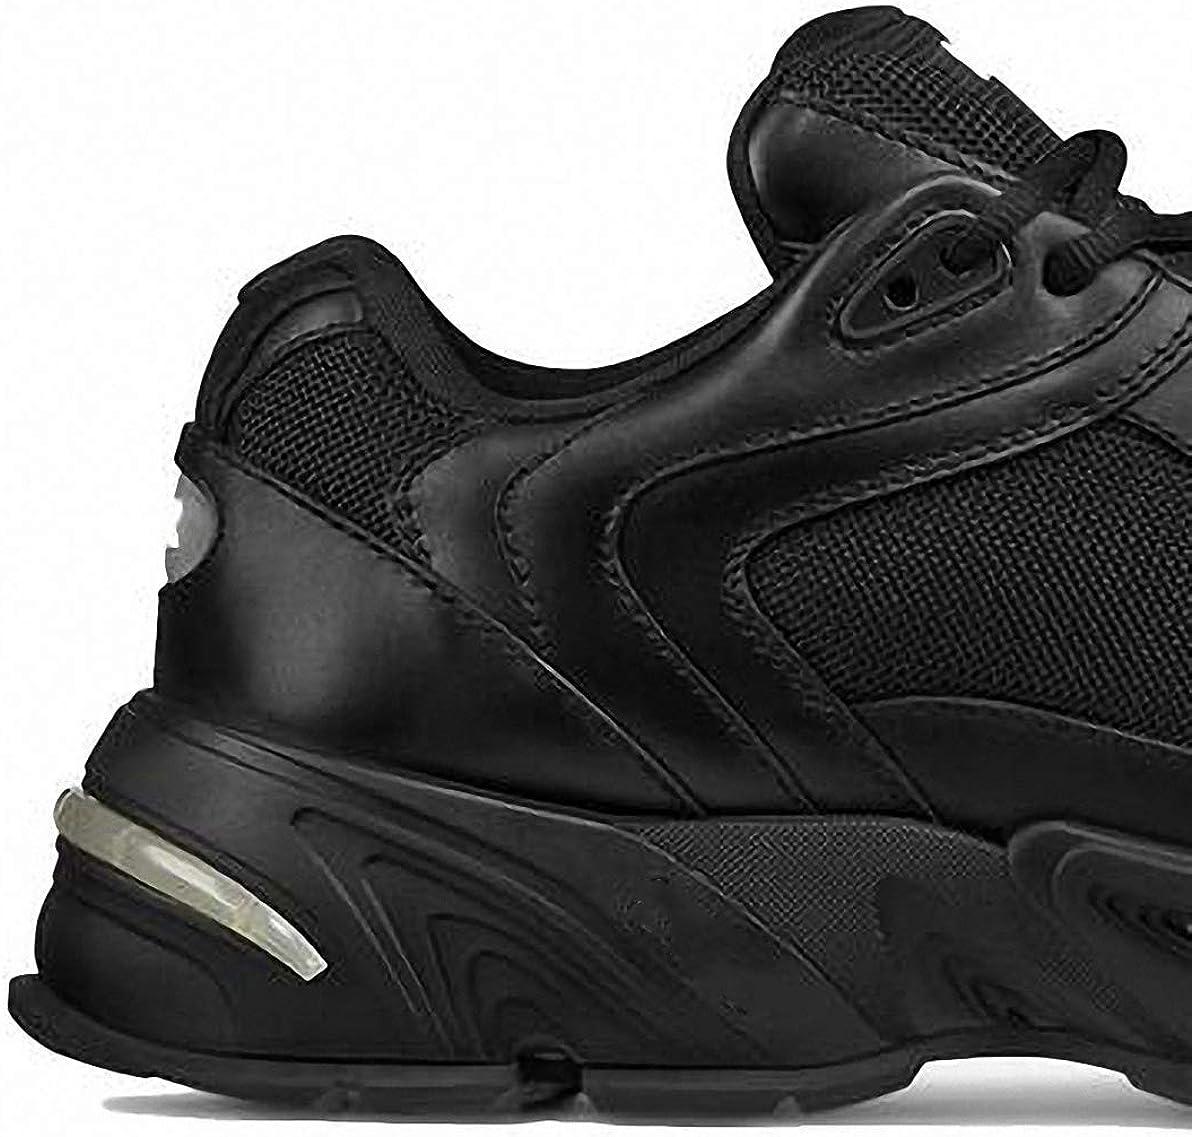 227 Chaussures de Sport Chaussures de Sport Chaussures de Mode Chaussures de Fitness Chaussures de Course Chaussures de Sport Basses Chaussures pour Hommes et Femmes Black